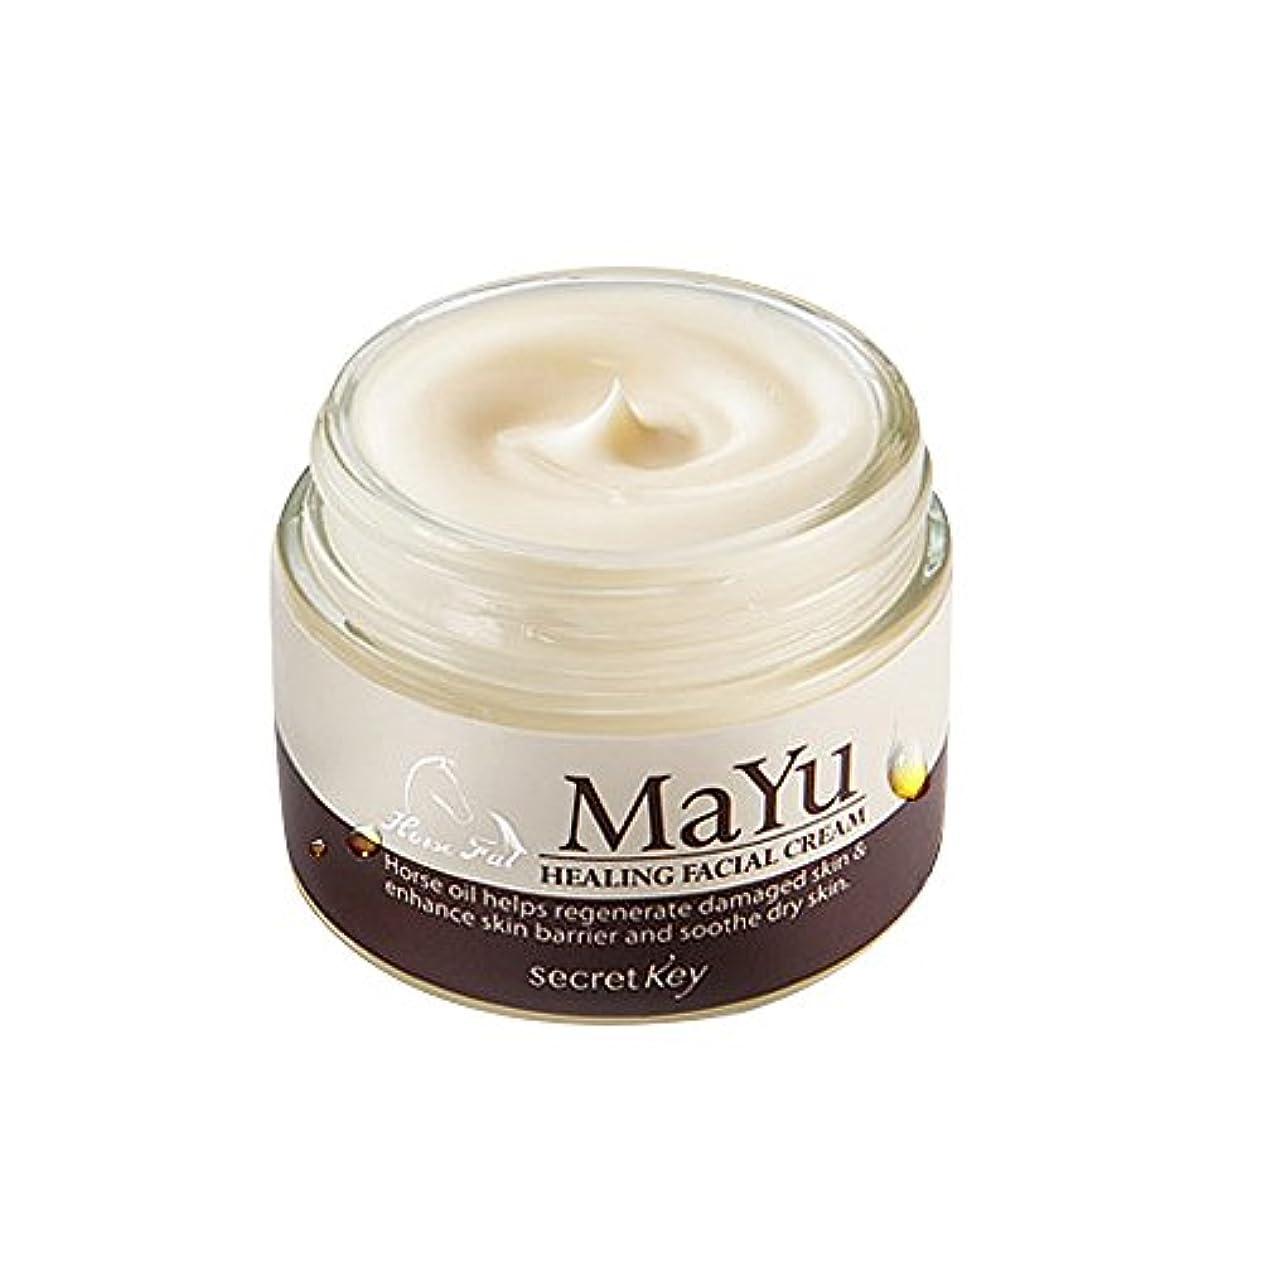 直立補充の面では[シークレットキー]Secretkey 馬油ヒーリングフェイシャルクリーム70g 海外直送品 Mayu Healing Facial Cream 70g